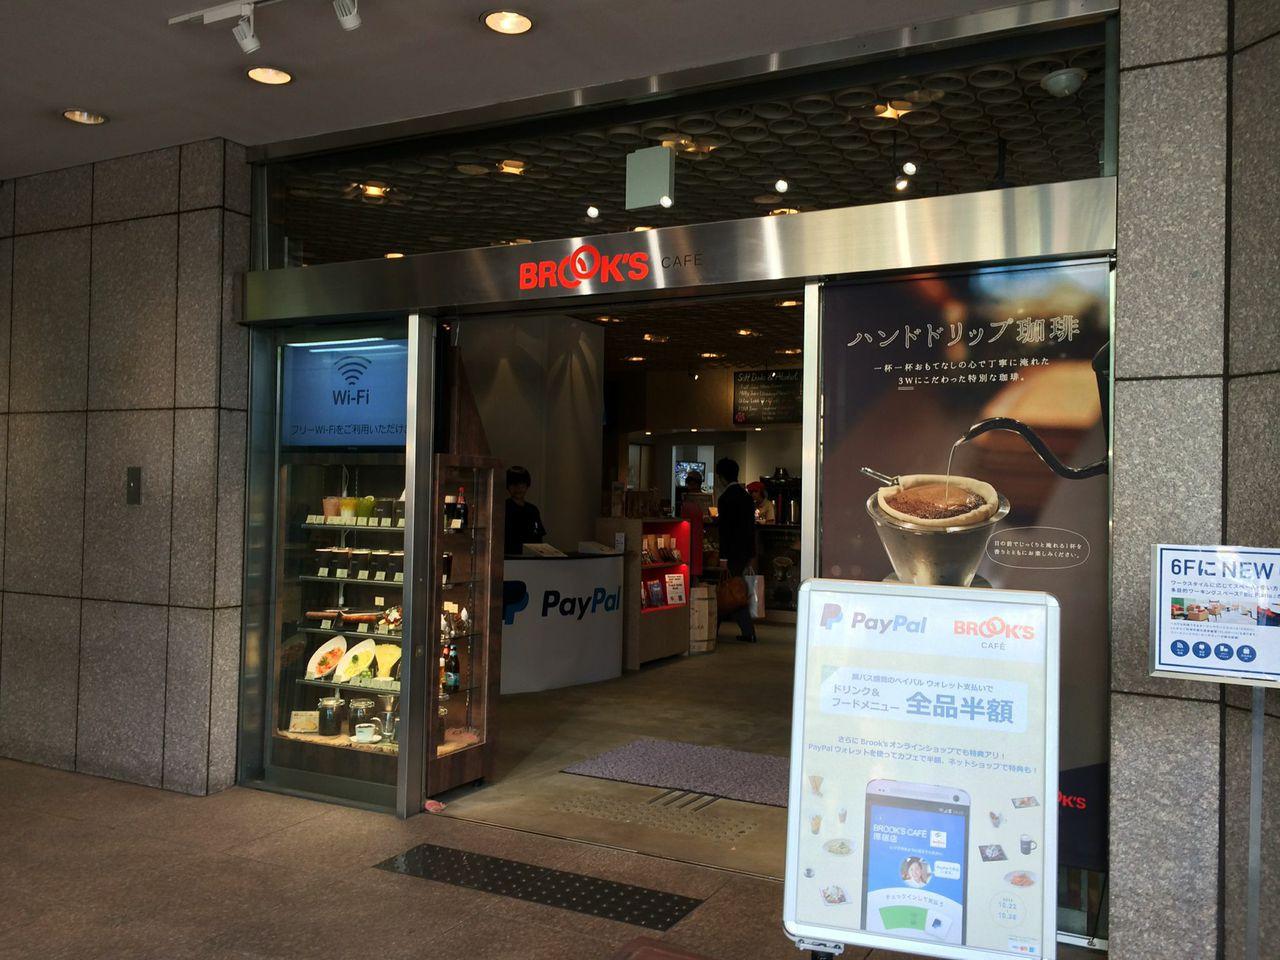 ブルックス グリーン カフェ 原宿店 (BROOKS green cafe)